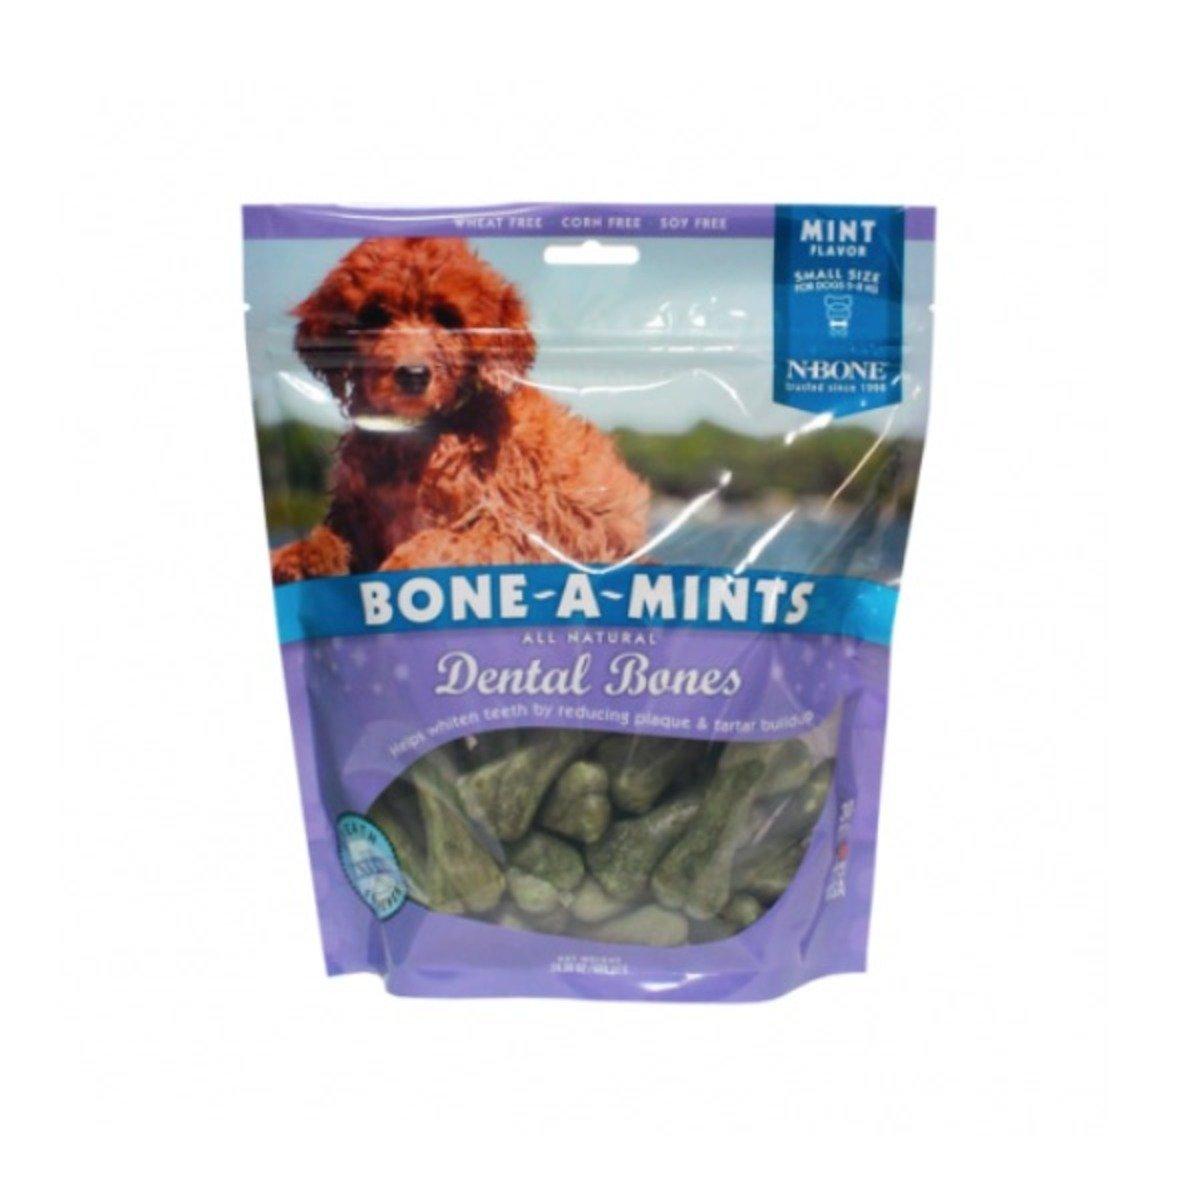 美國 BONE-A-MINTS 薄荷味潔齒骨家庭裝(細)24.3oz